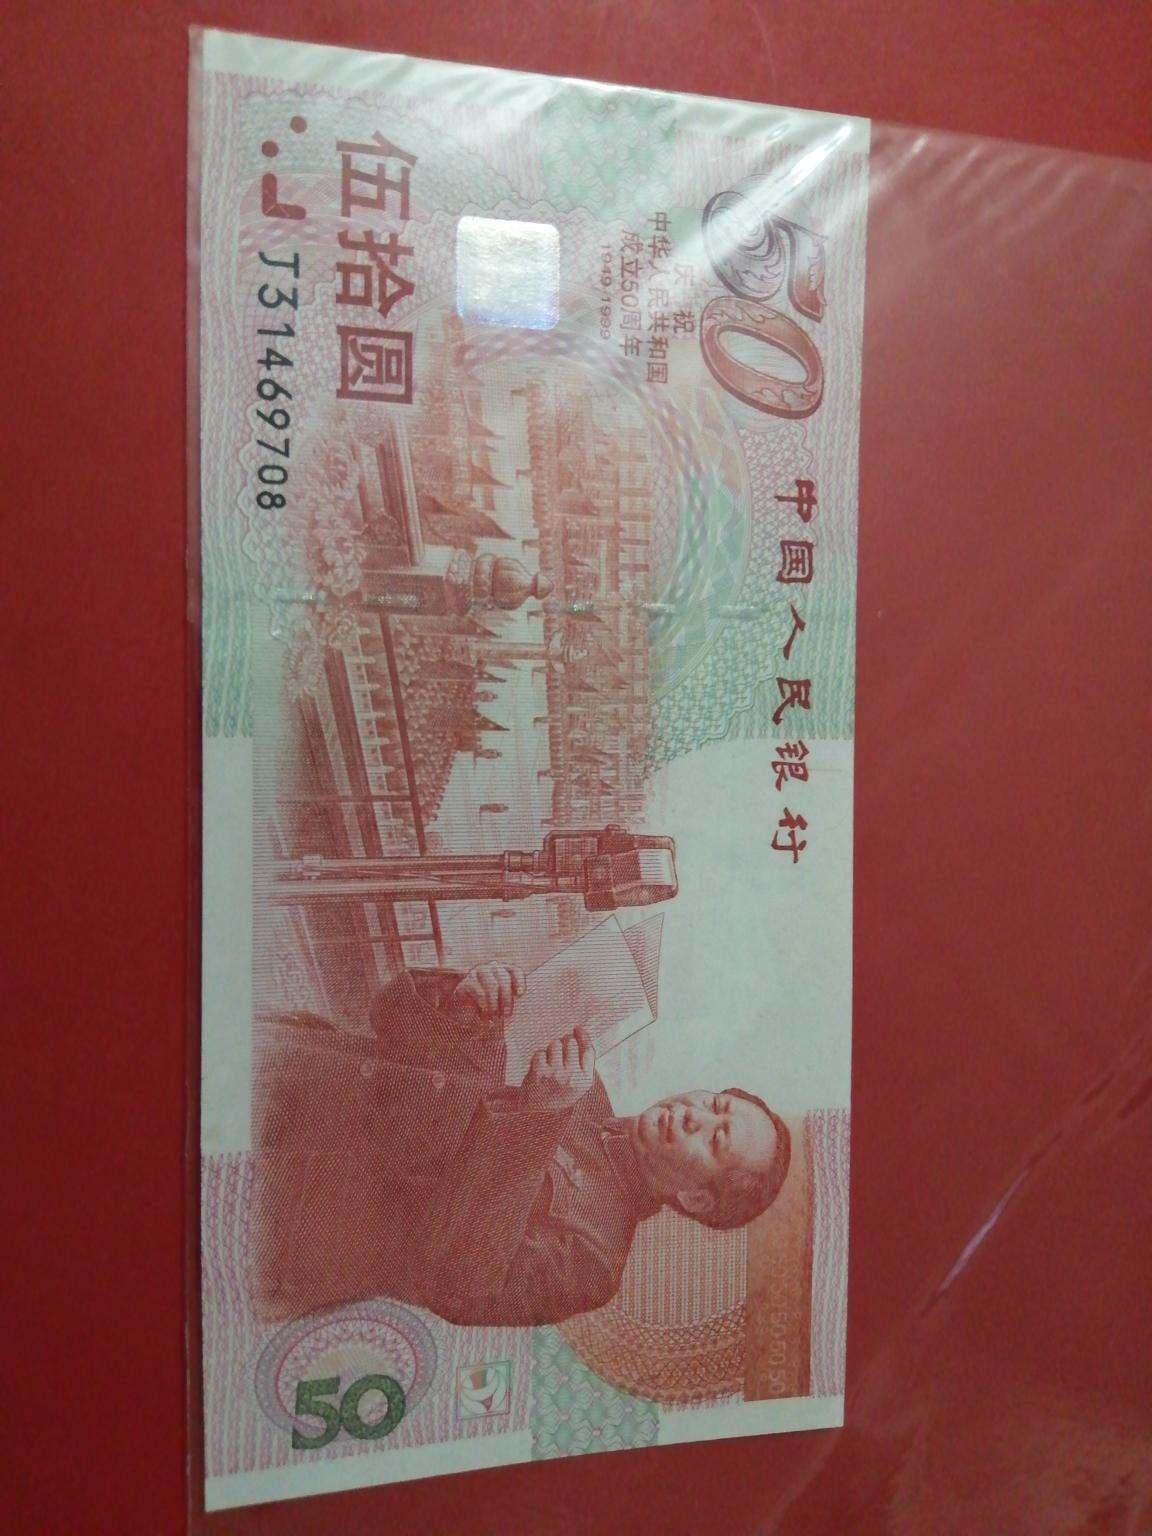 50周年建国纪念钞最新价格